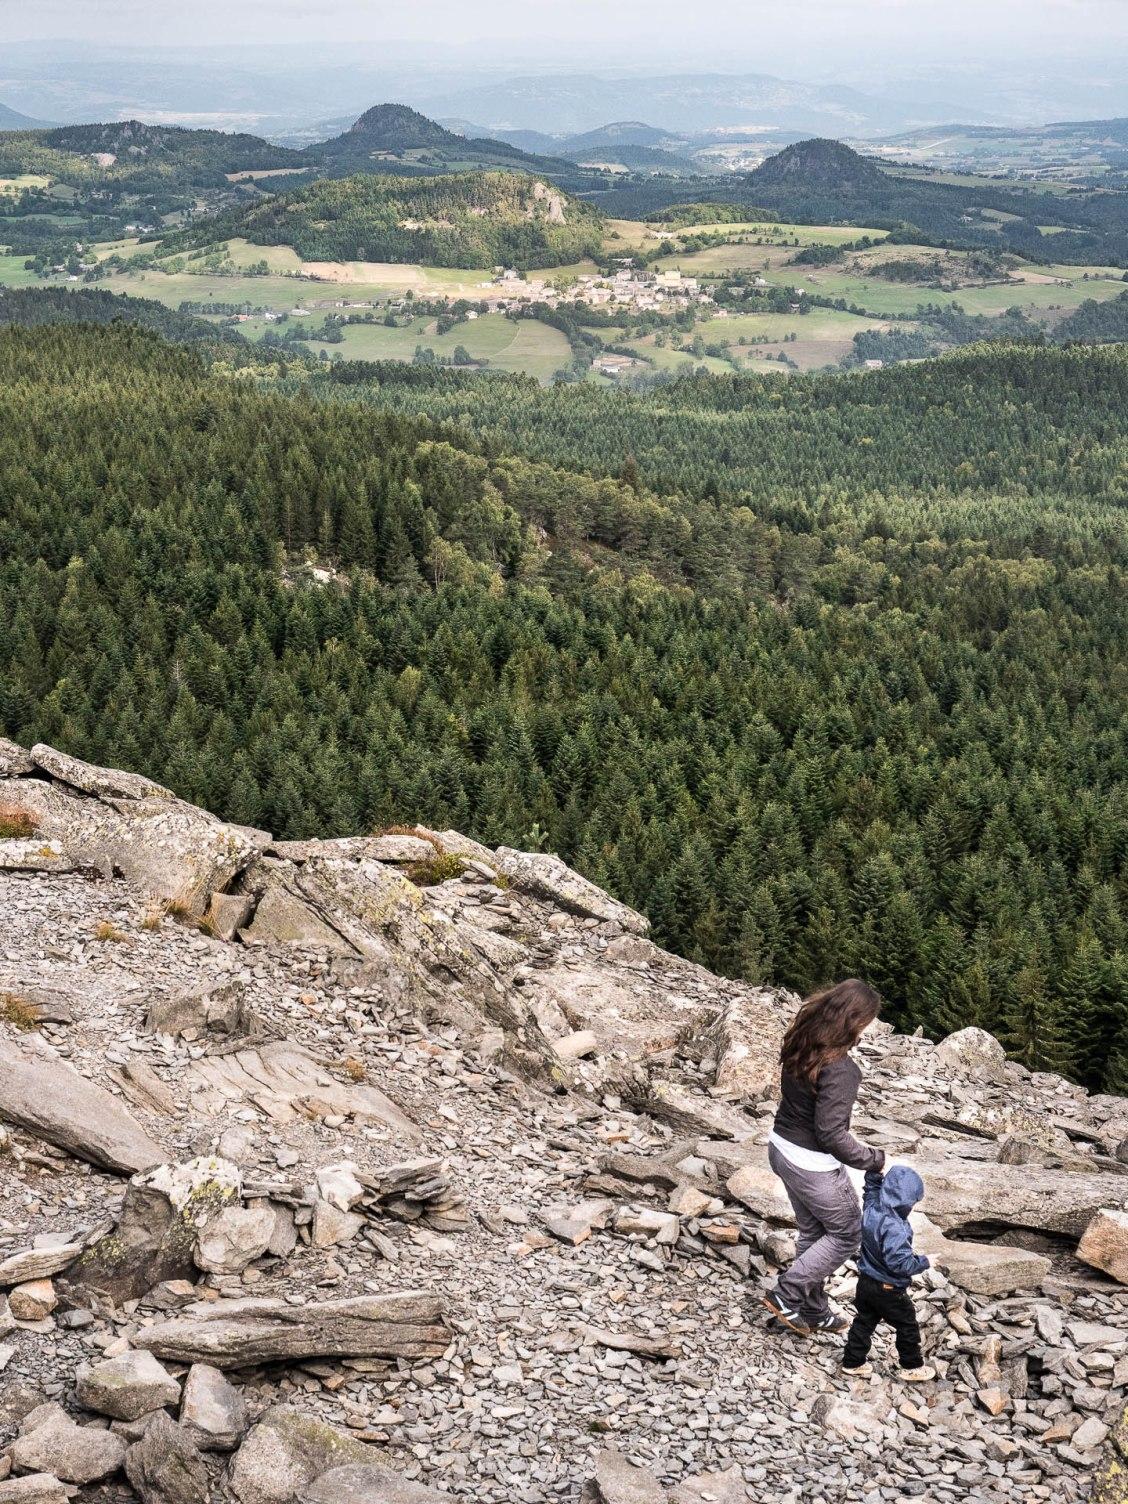 Au sommet du pic du lizieux, avec vue sur les volcans